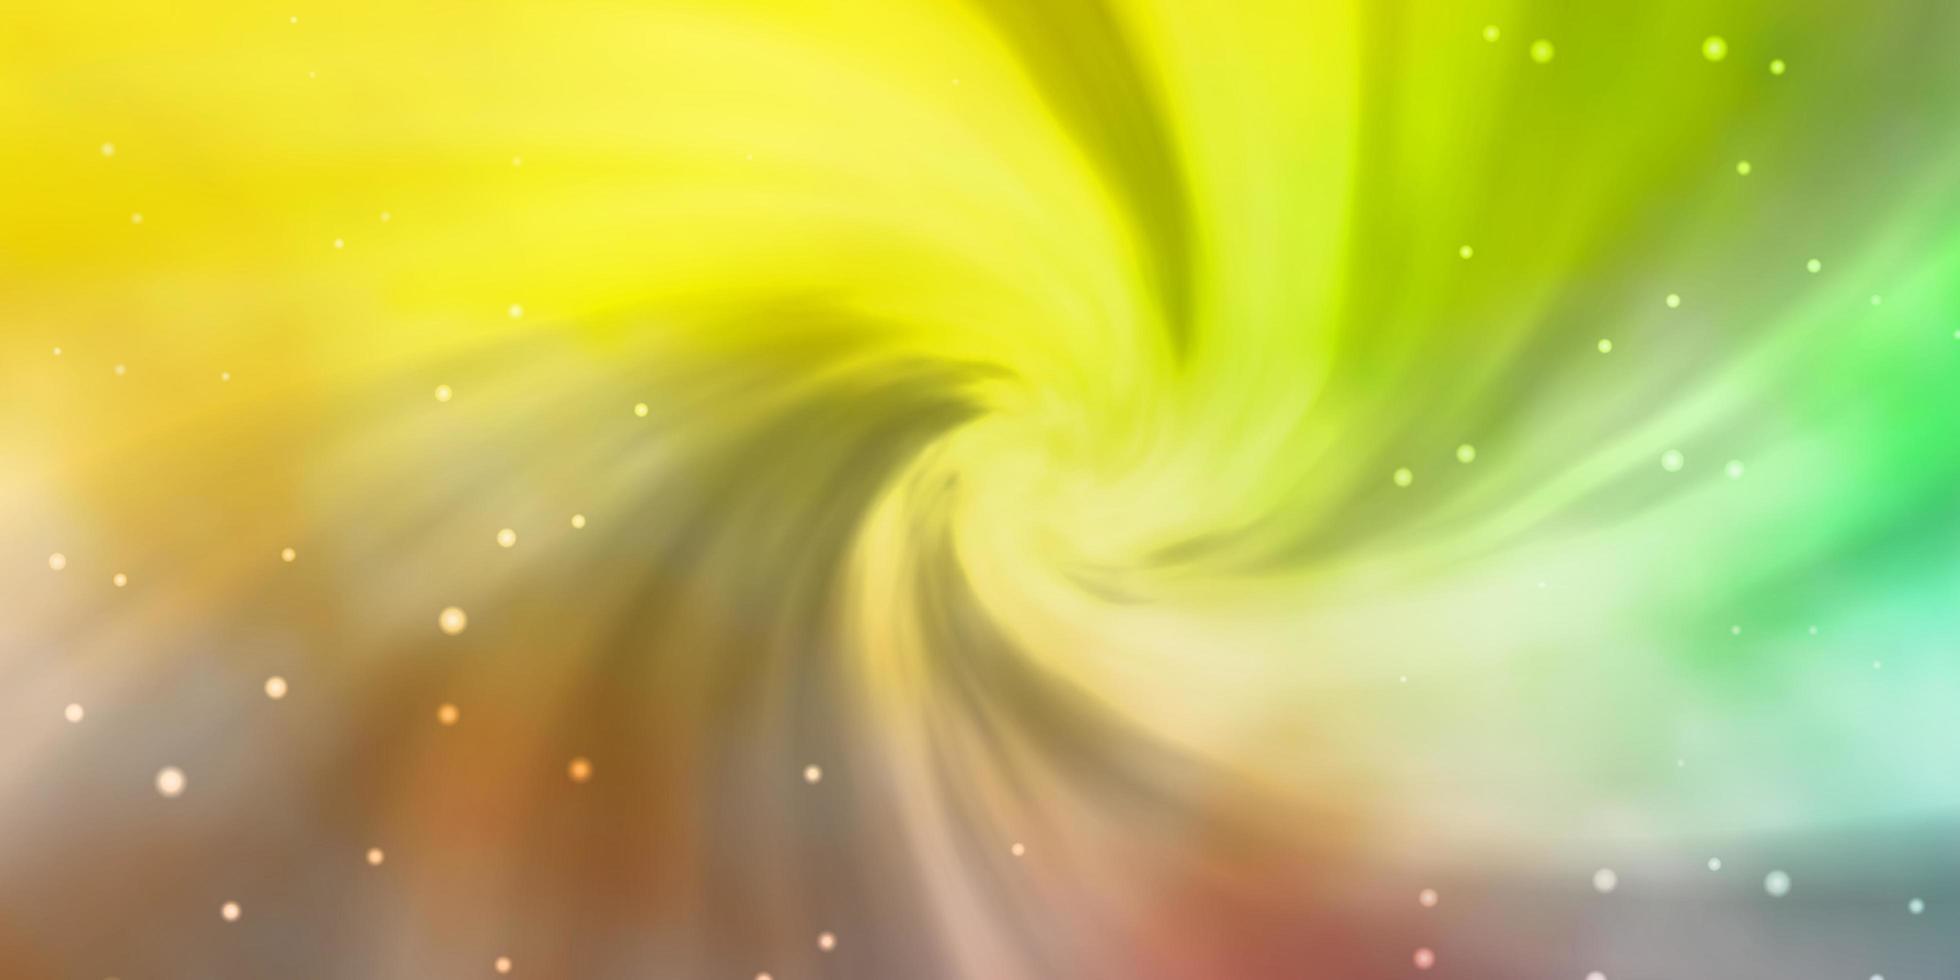 grüne und rote Textur mit schönen Sternen. vektor